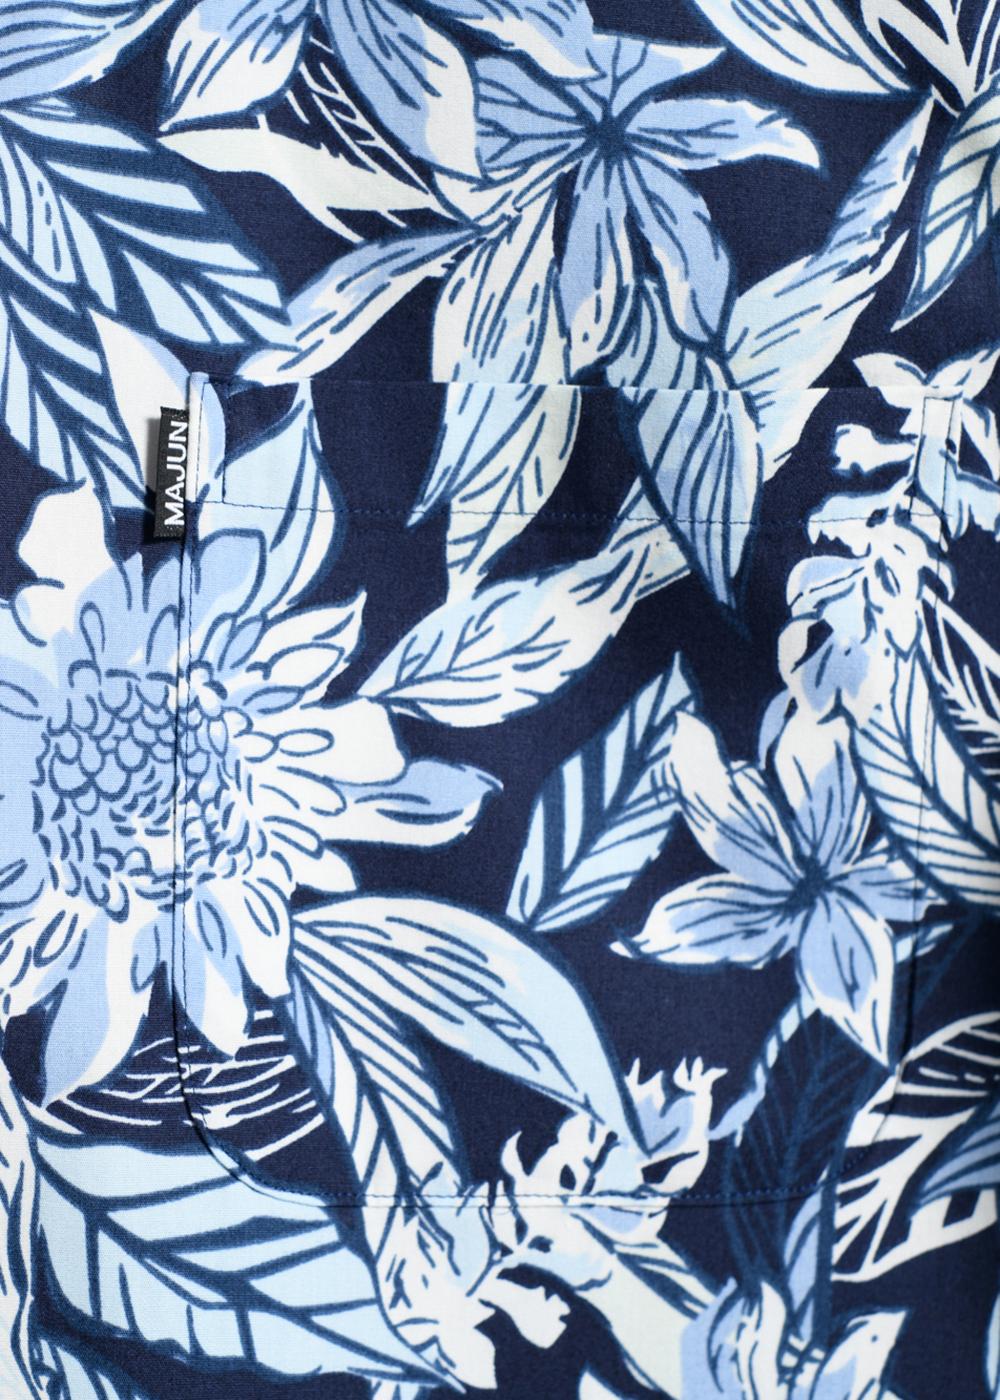 かりゆしウェア(沖縄版アロハシャツ) MAJUN - ボタニカルアレンジ